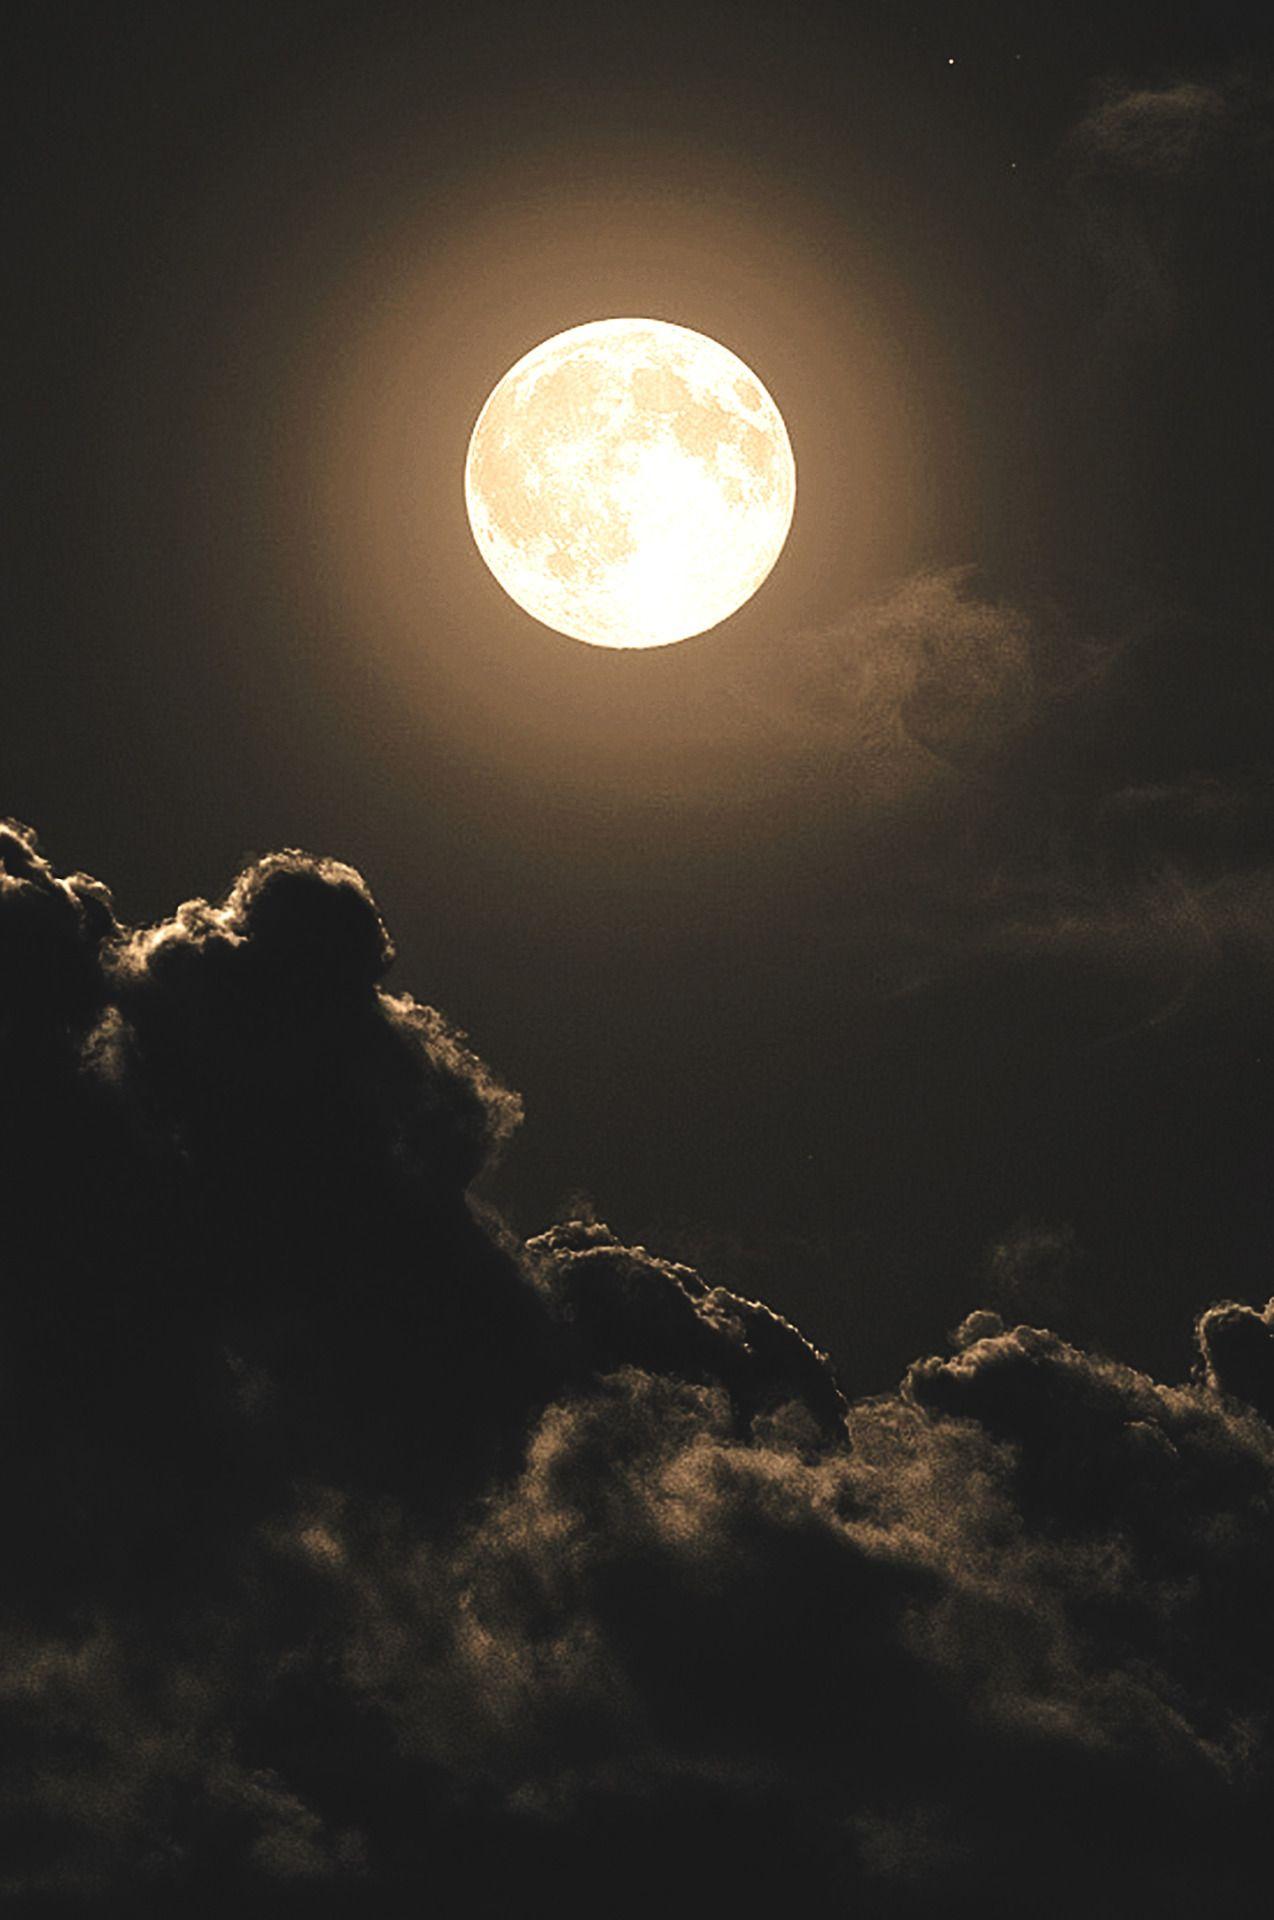 Lua Cheia Sol Holme Fotos Da Lua Sombra Lunar Lua Cheia